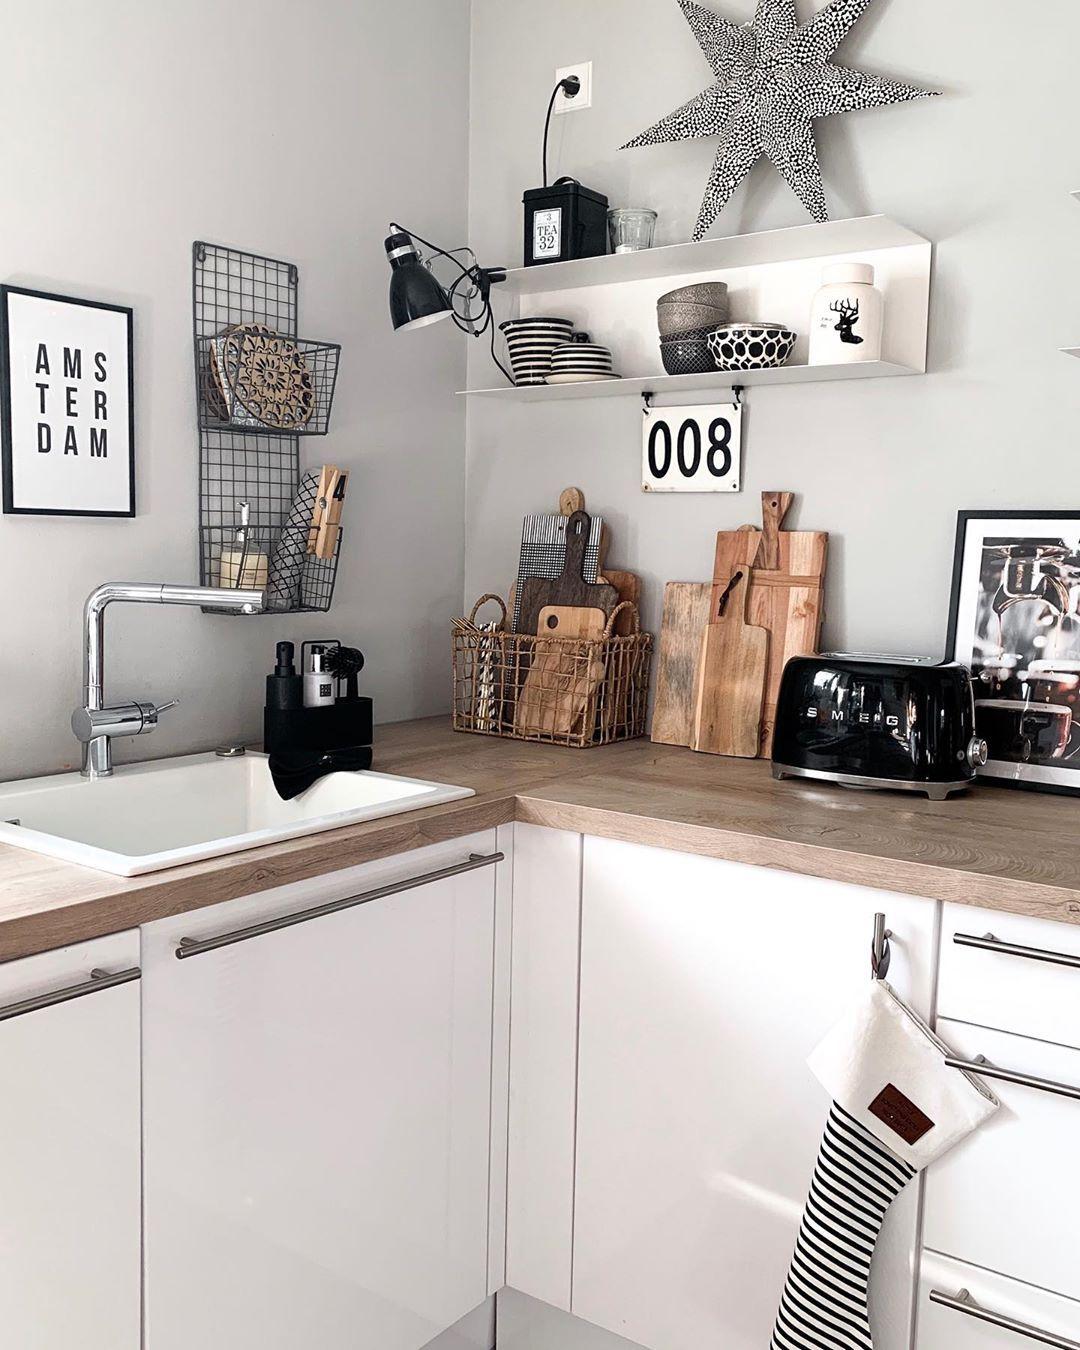 Miriam Mika Kalina Auf Instagram Werbung Nennung Happy Friyay Ihr Lieben Ich Habe Mir Den Zust Clean Kitchen Cabinets Kitchen Cabinets Kitchen Interior